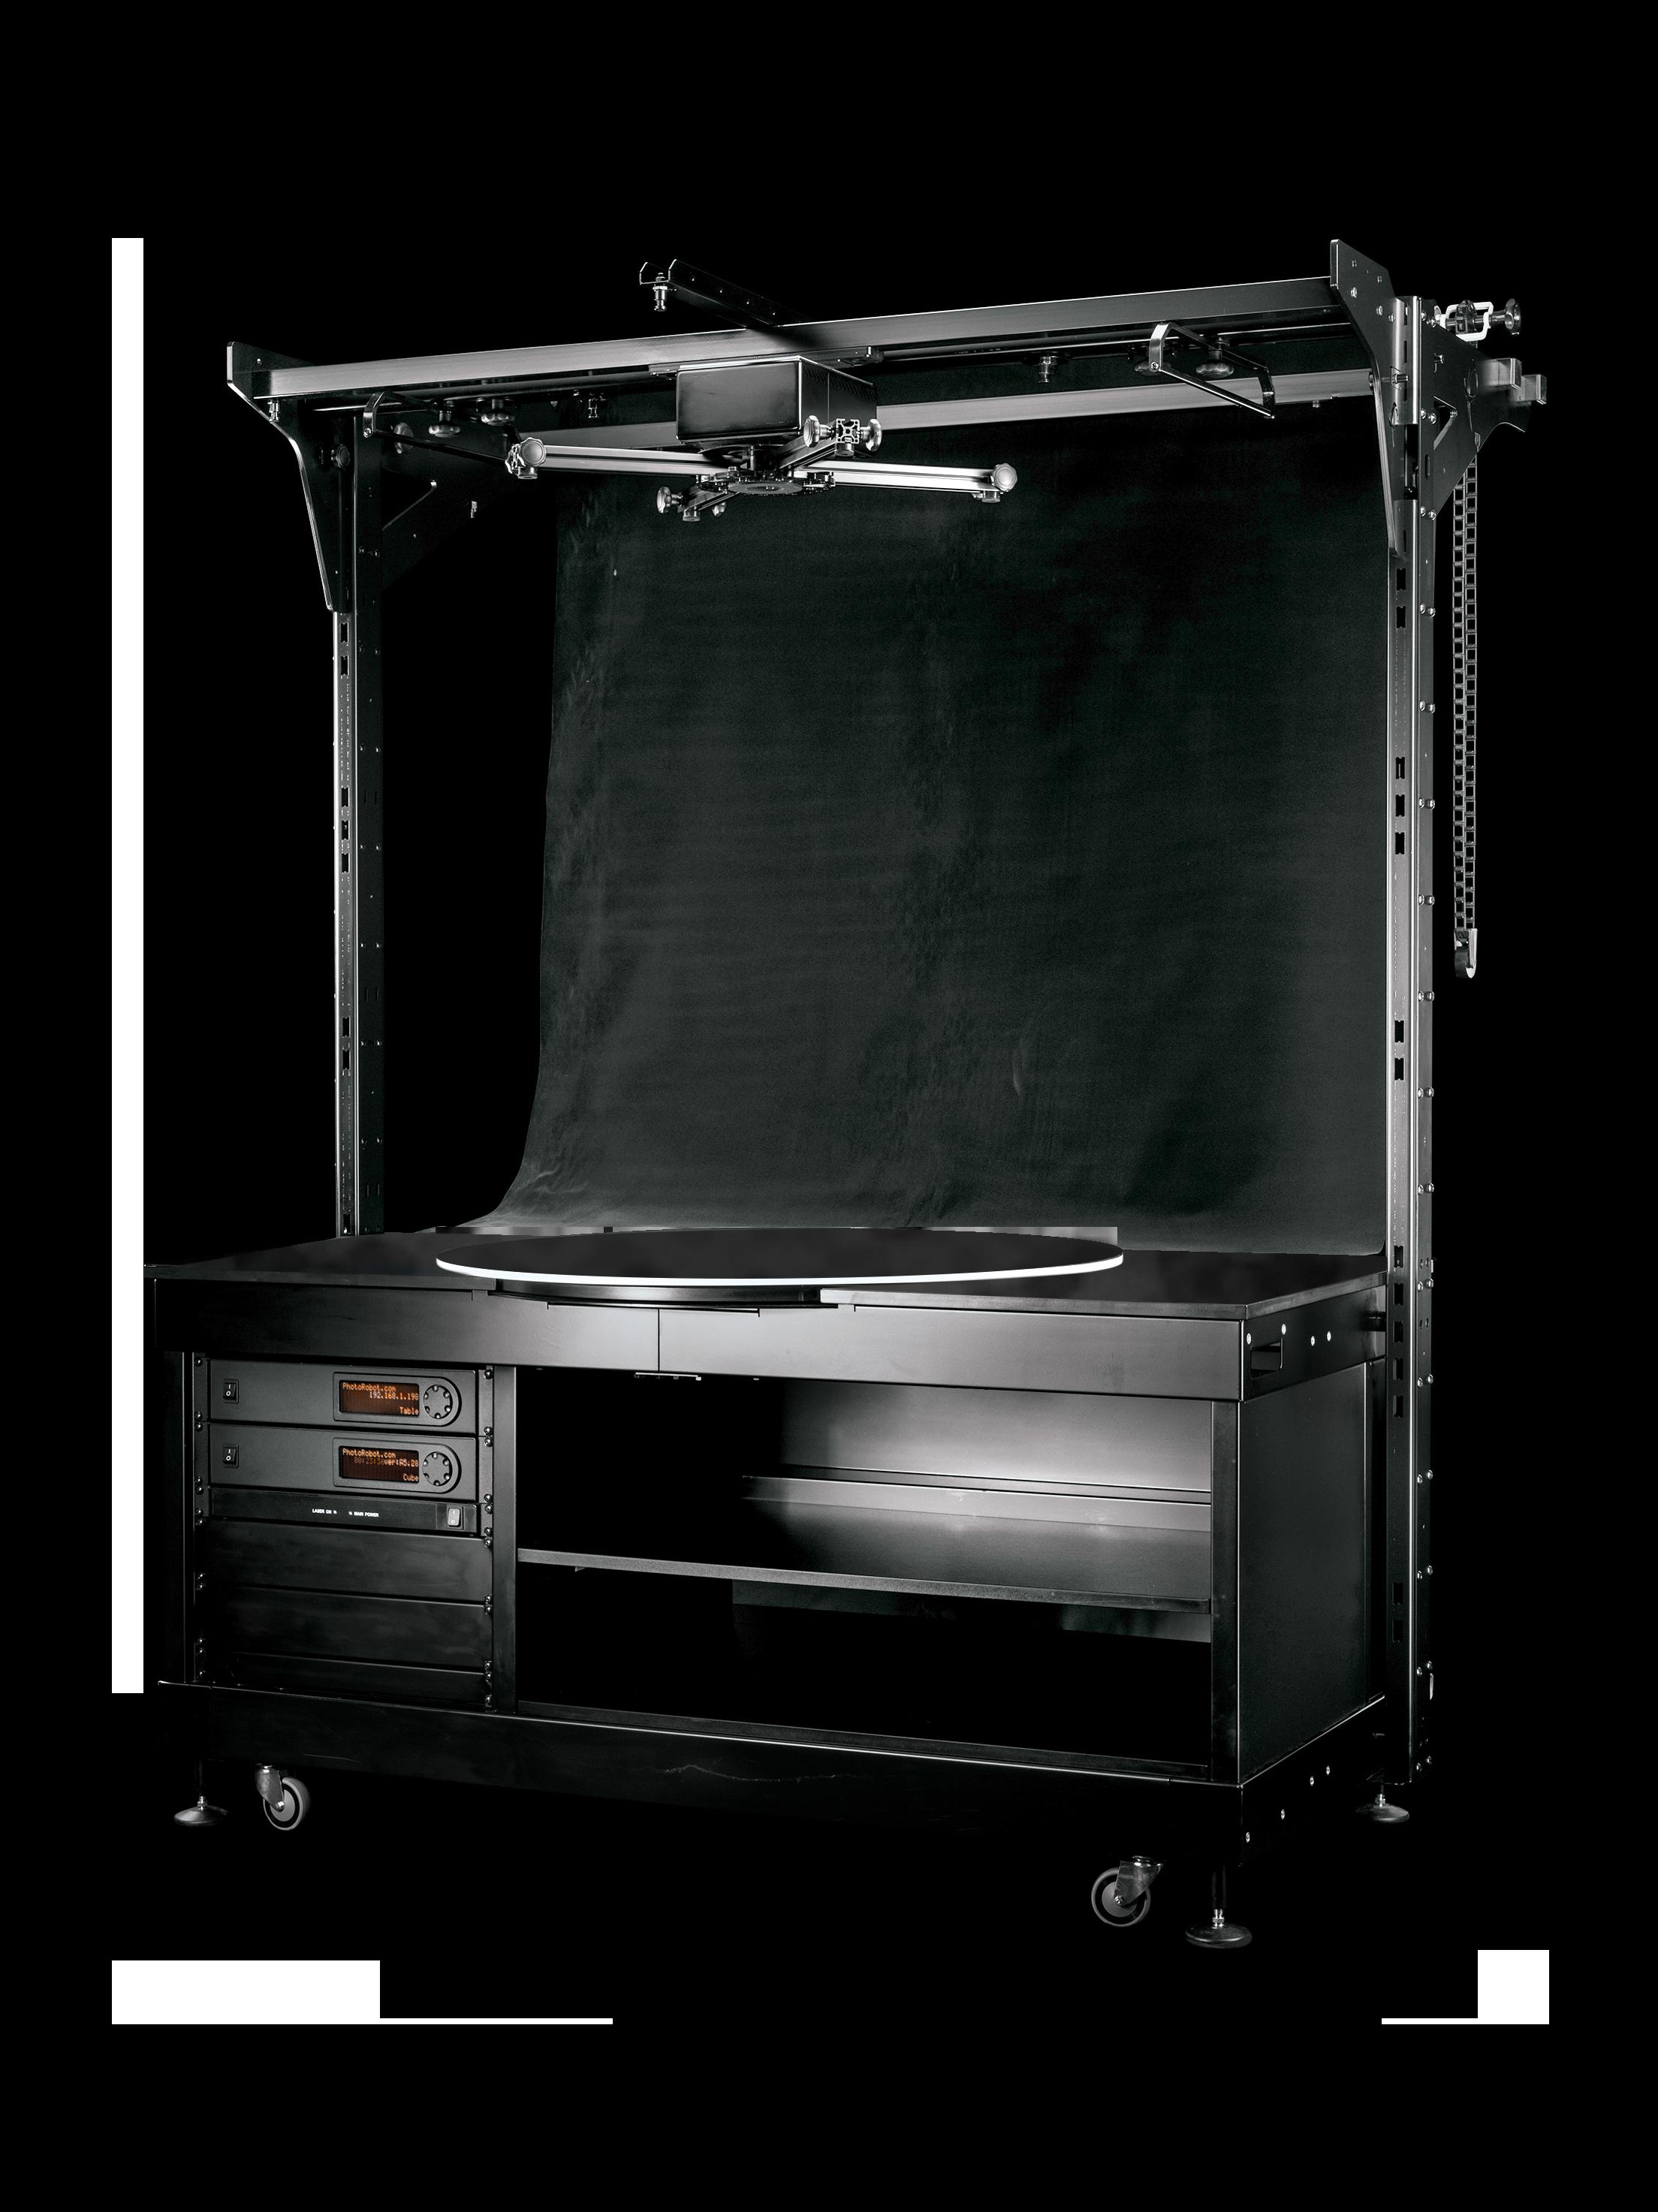 PhotoRobot bàn xoay được cài đặt kết hợp với PhotoRobot CUBE để chụp ảnh các vật dụng phức tạp